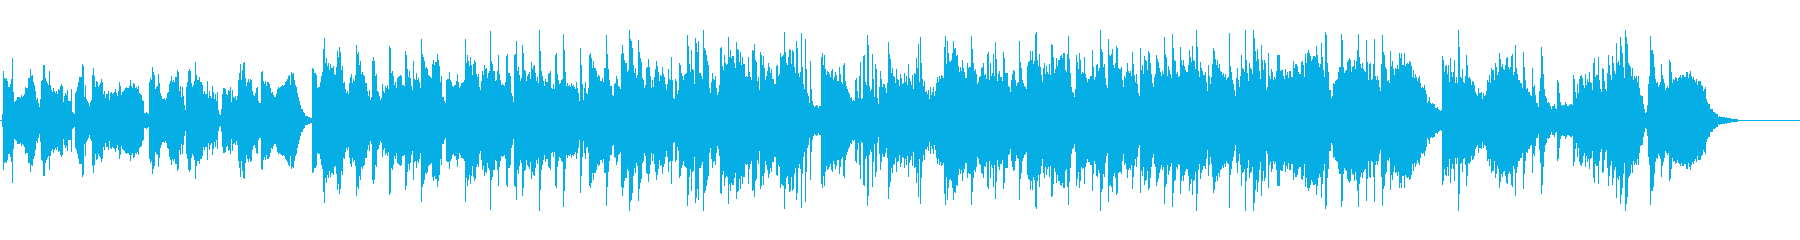 尺八による抒情的な日本音楽 Mix-Aの再生済みの波形